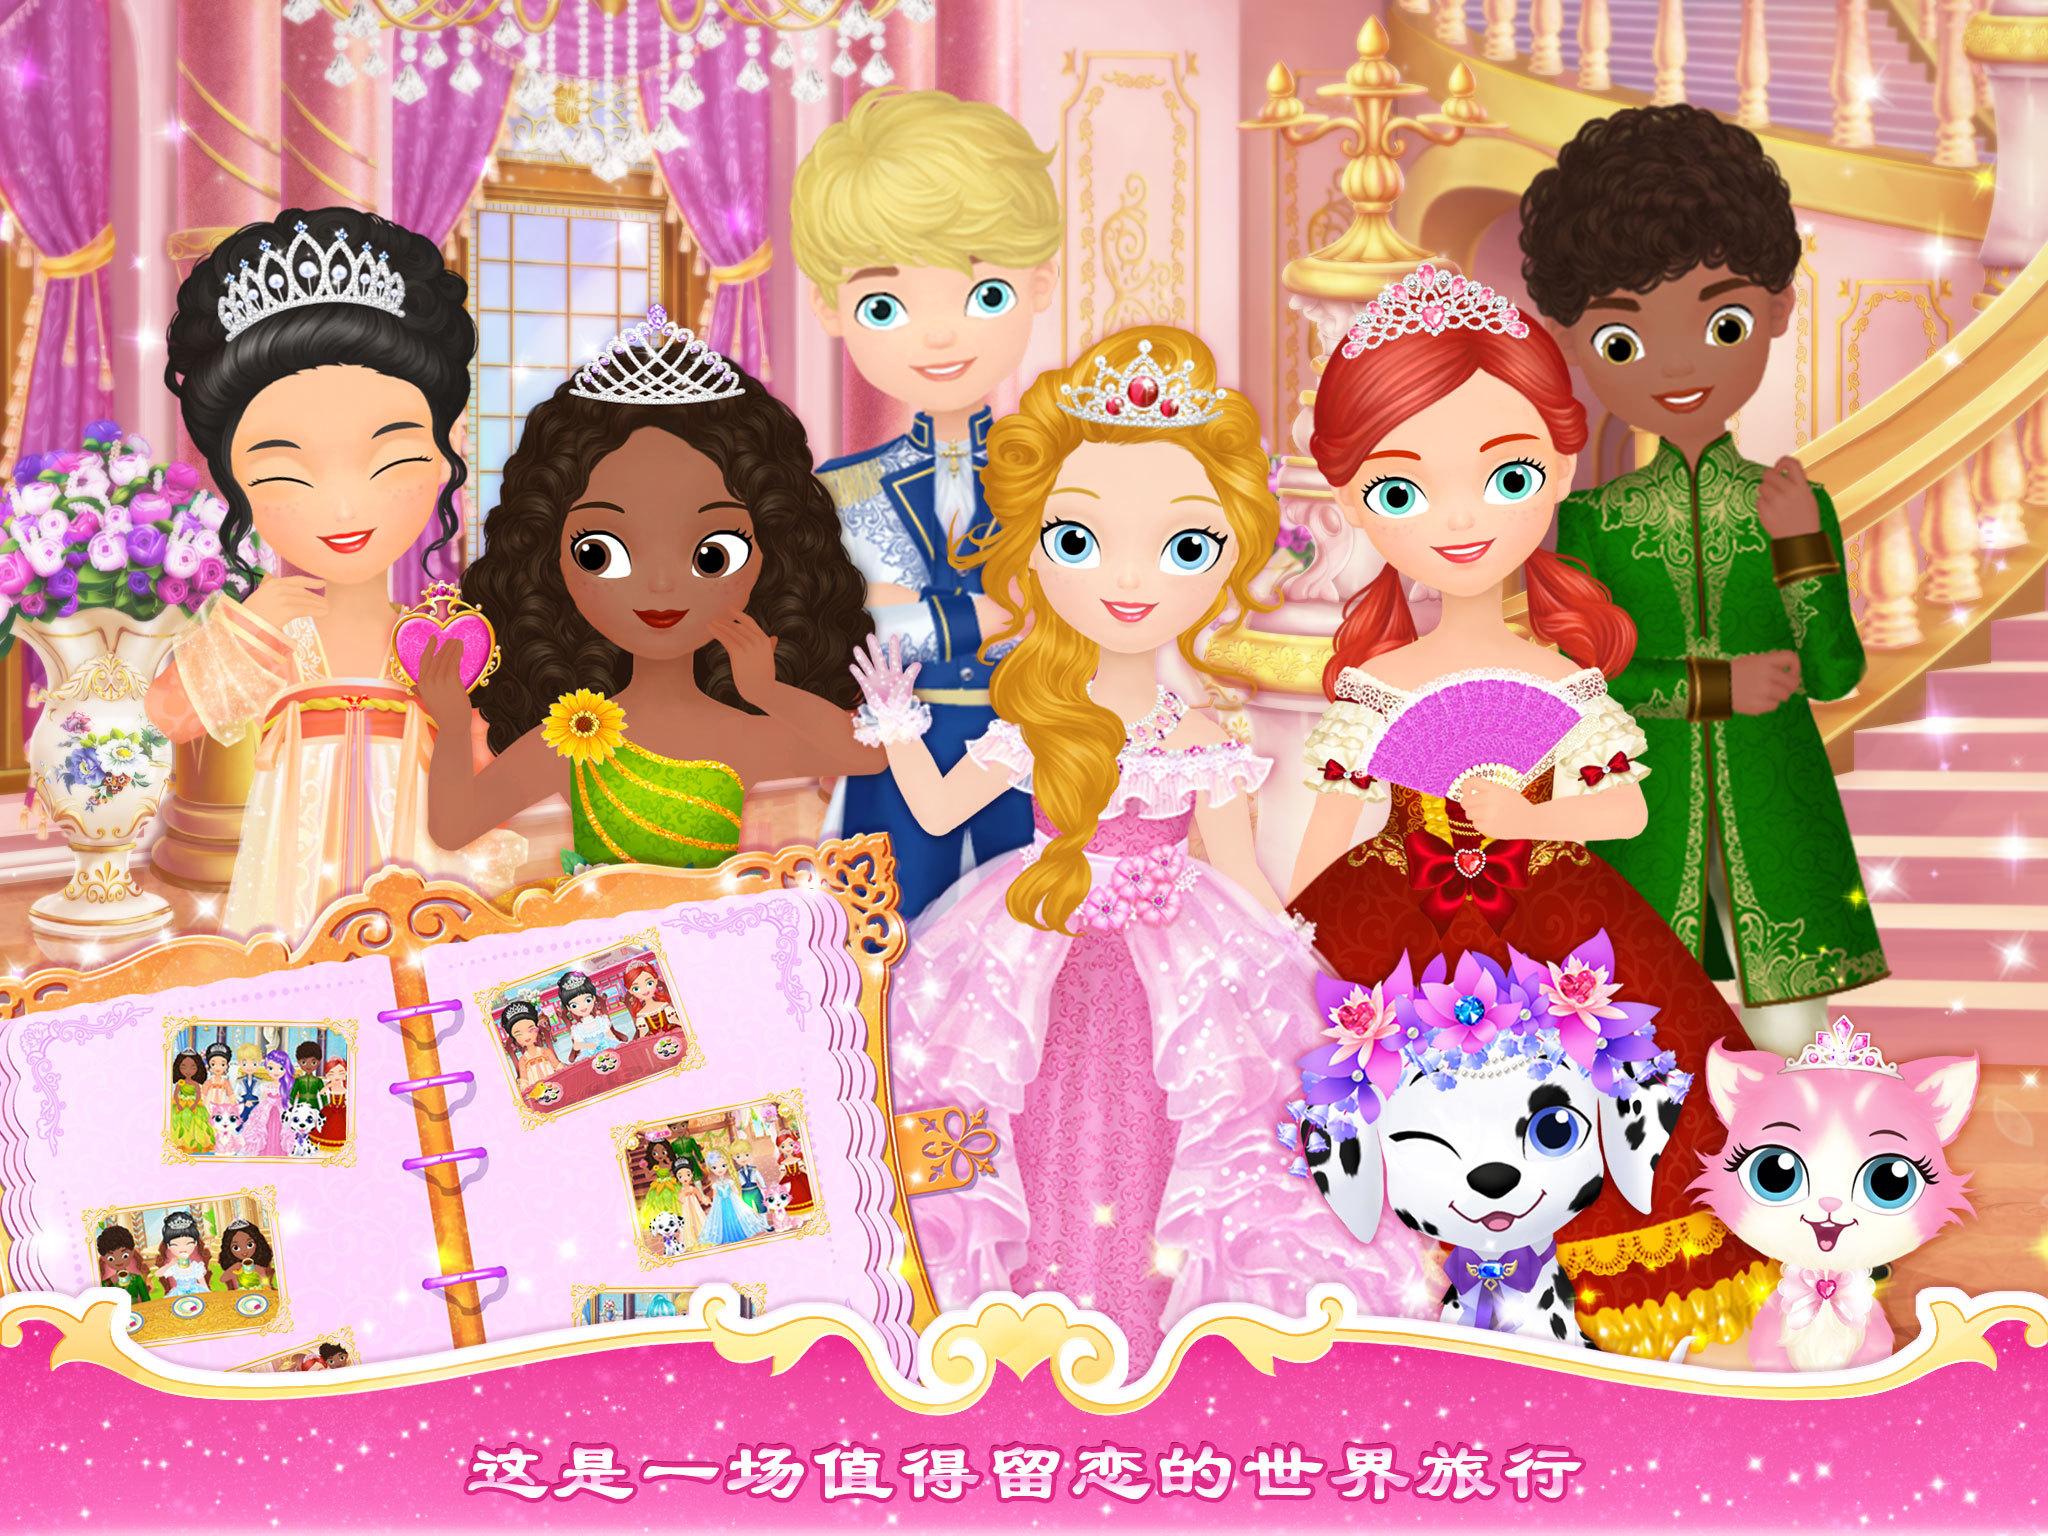 莉比小公主之环游世界破解版v1.4截图4